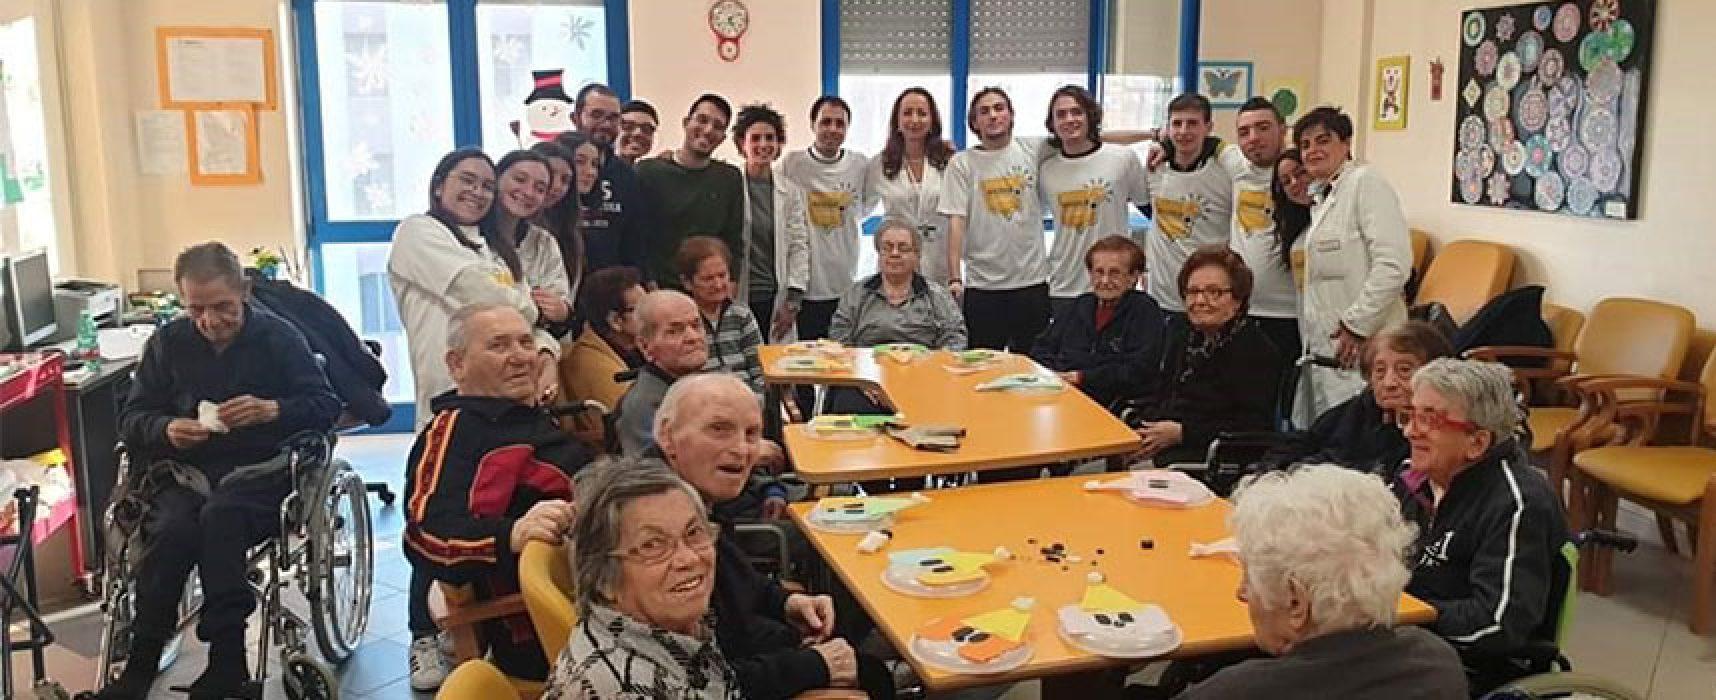 Bisceglie Illuminata, maratona della solidarietà parte con assistenza anziani